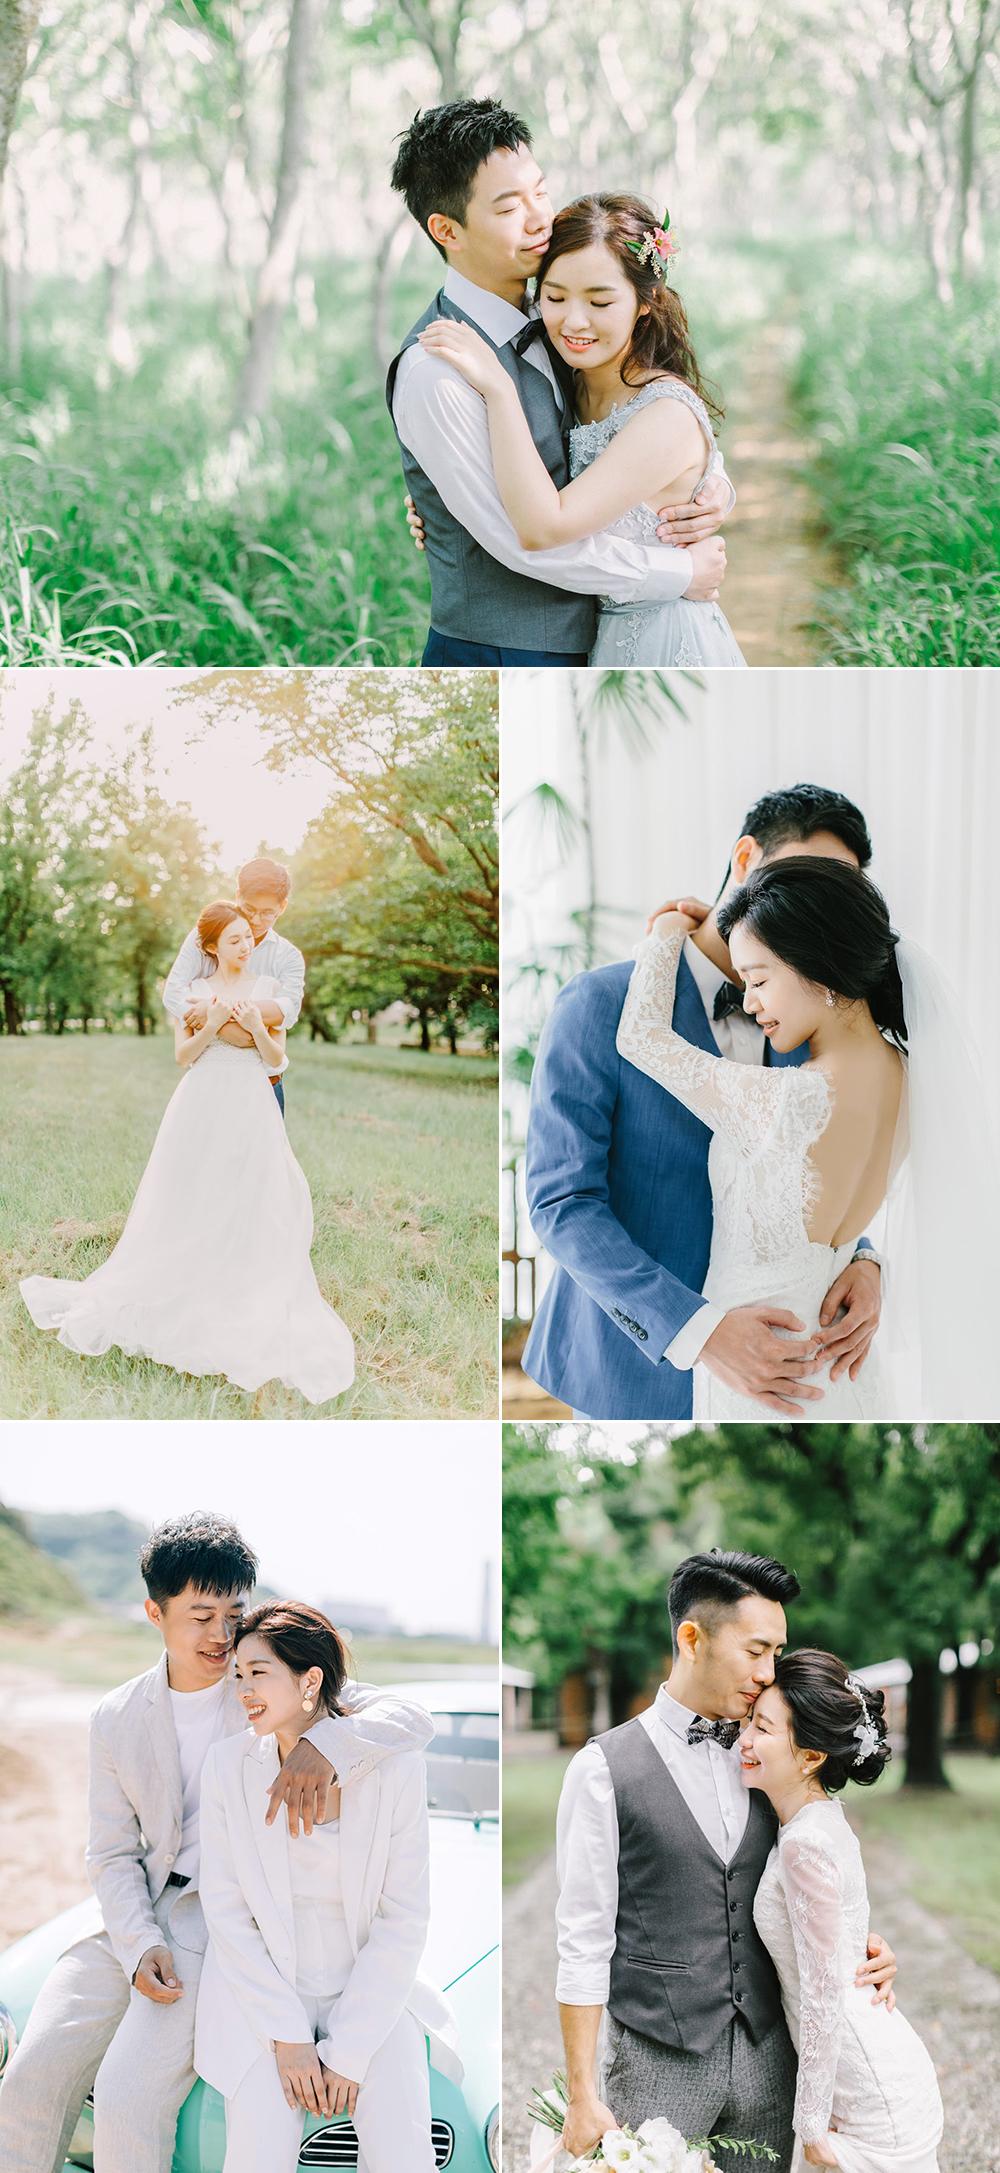 拍婚紗照姿勢練習